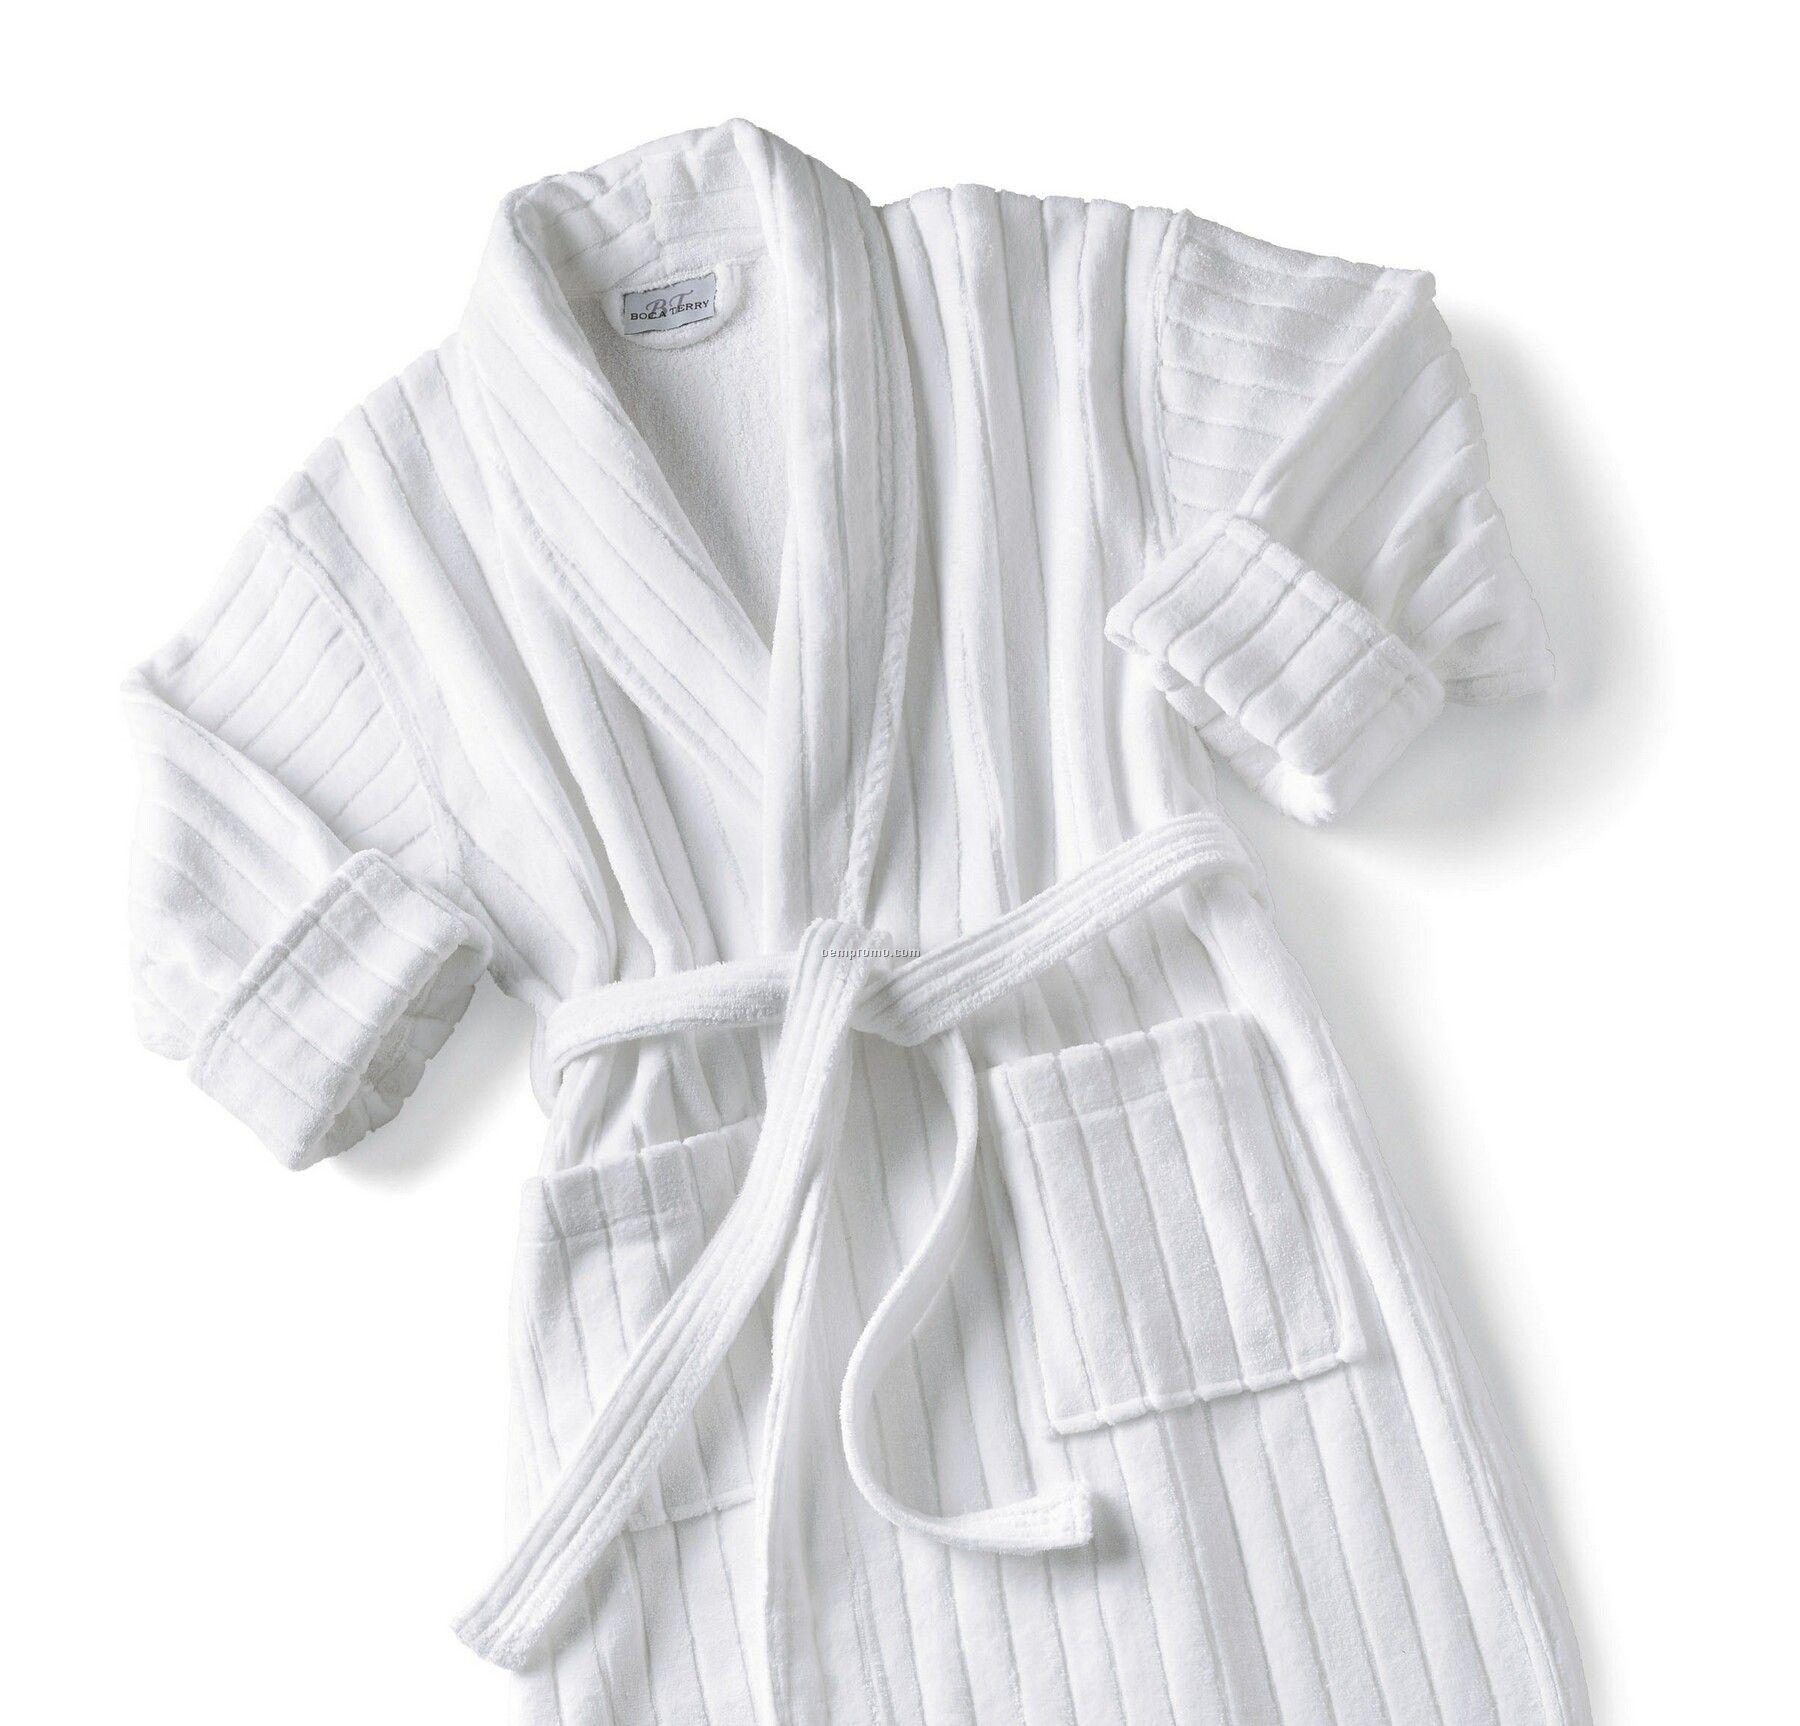 Kimono Collar Velour Stripe Robe